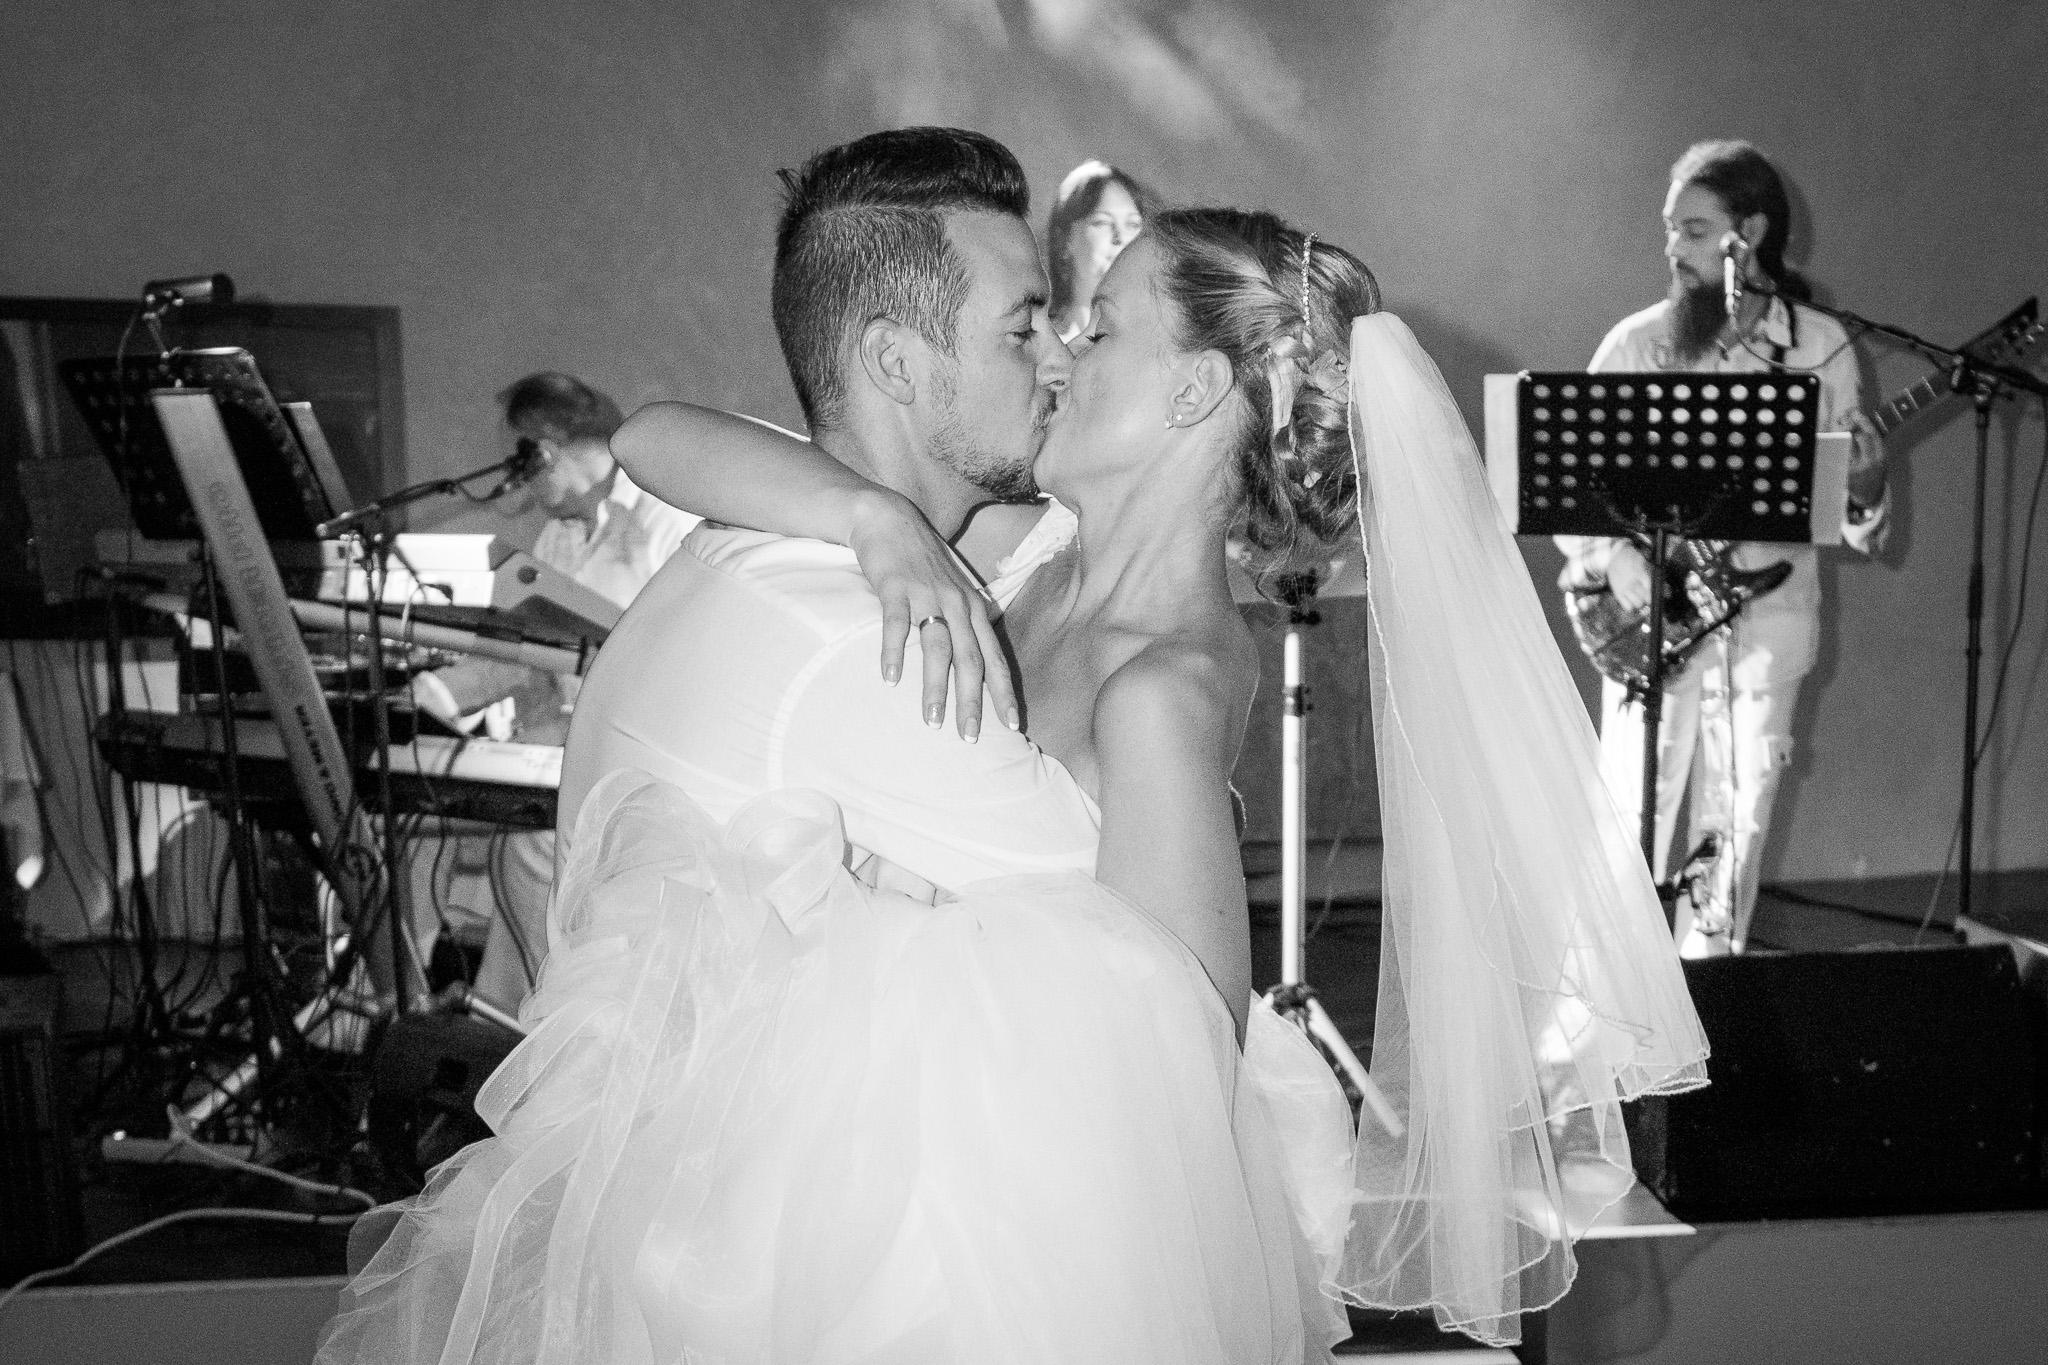 Hochzeit_076.jpg